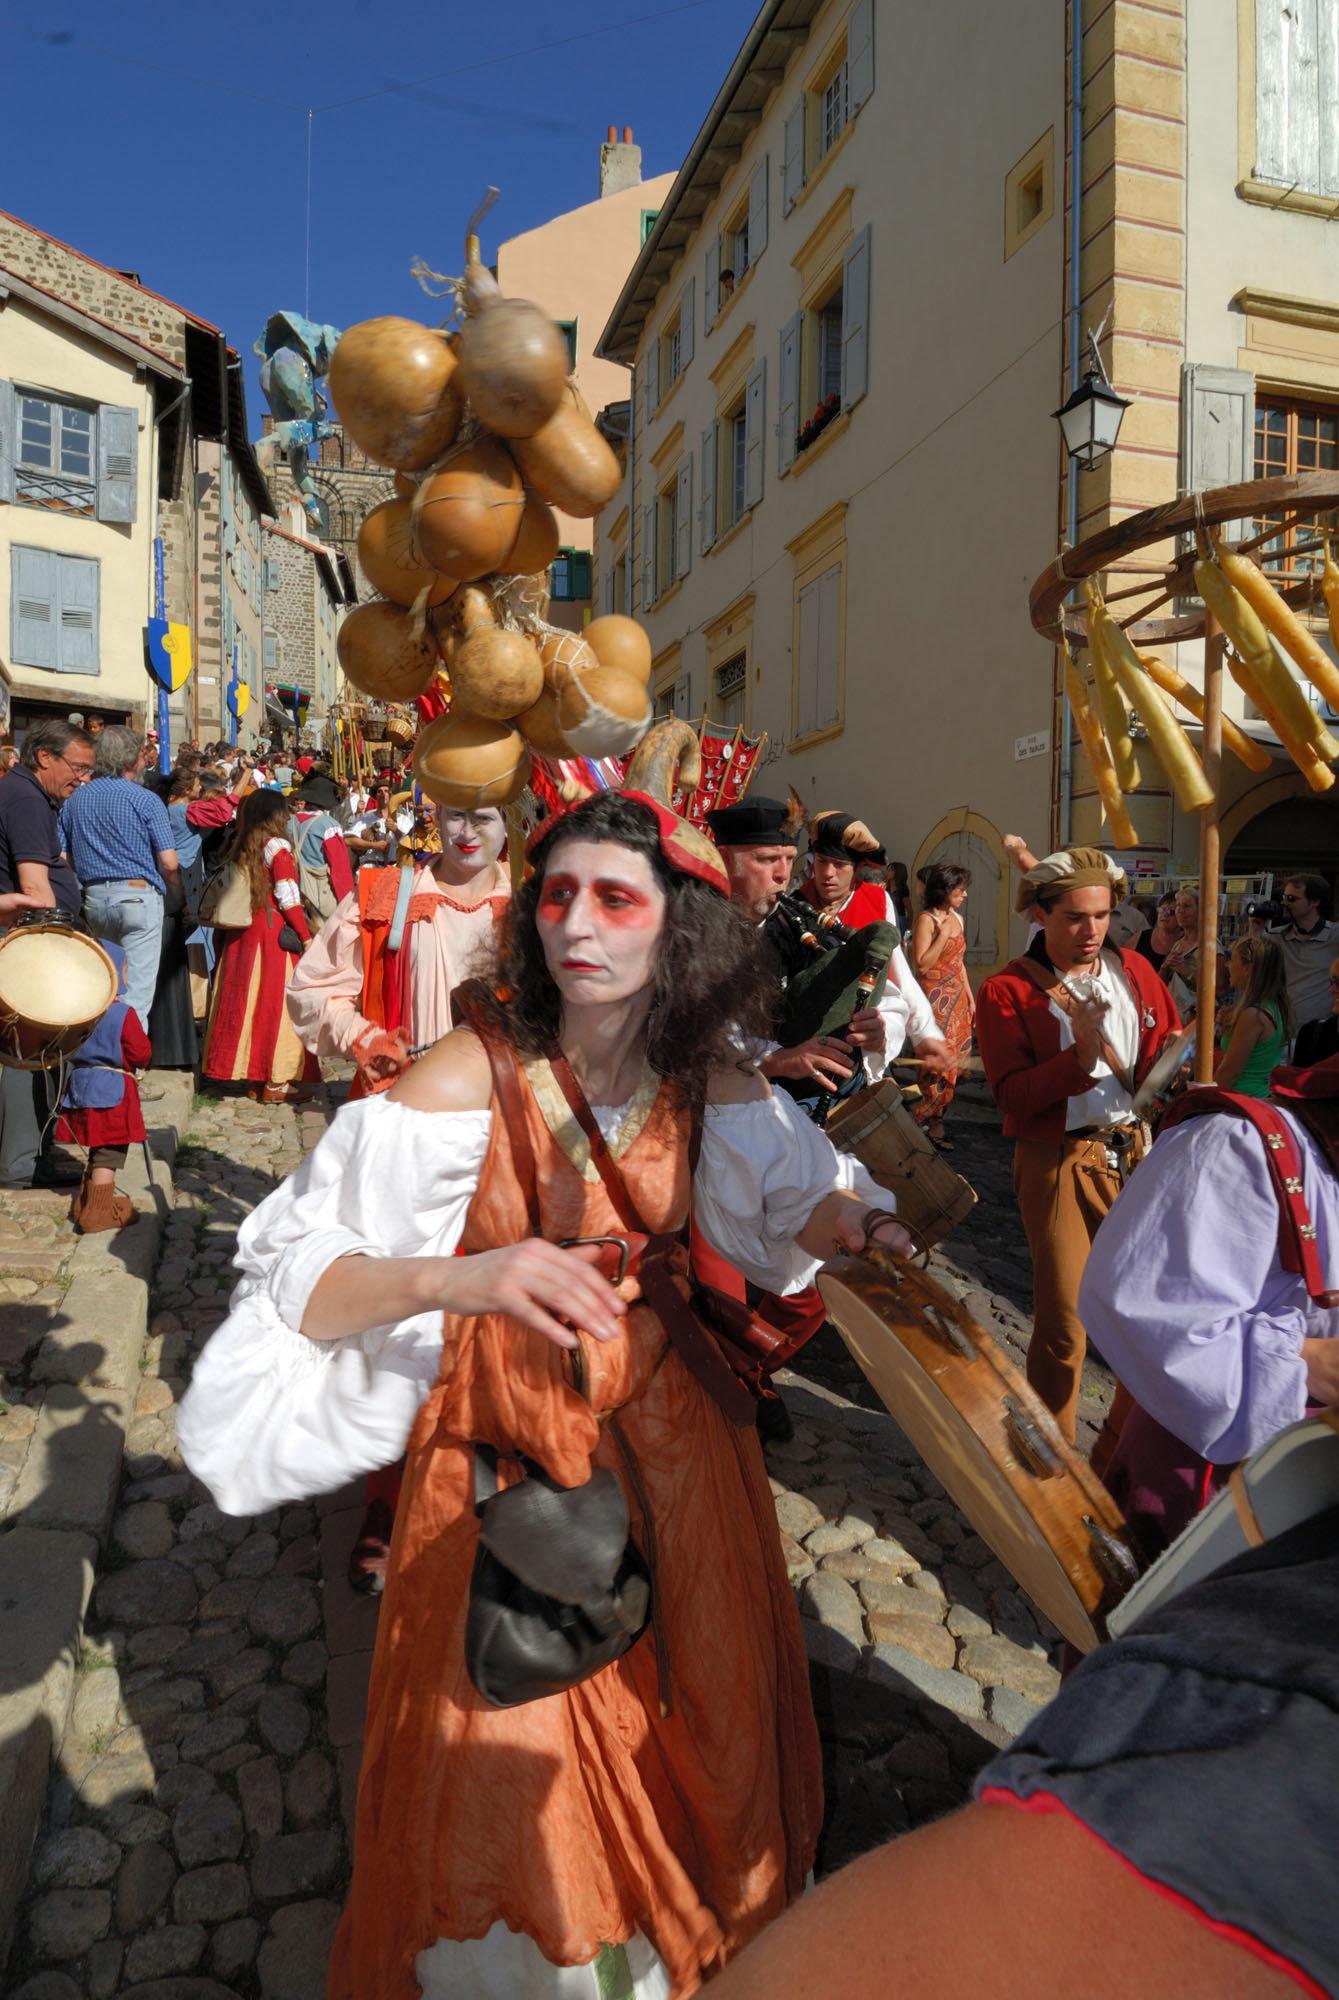 La fête de l'Oiseau, Le Puy-en-Velay